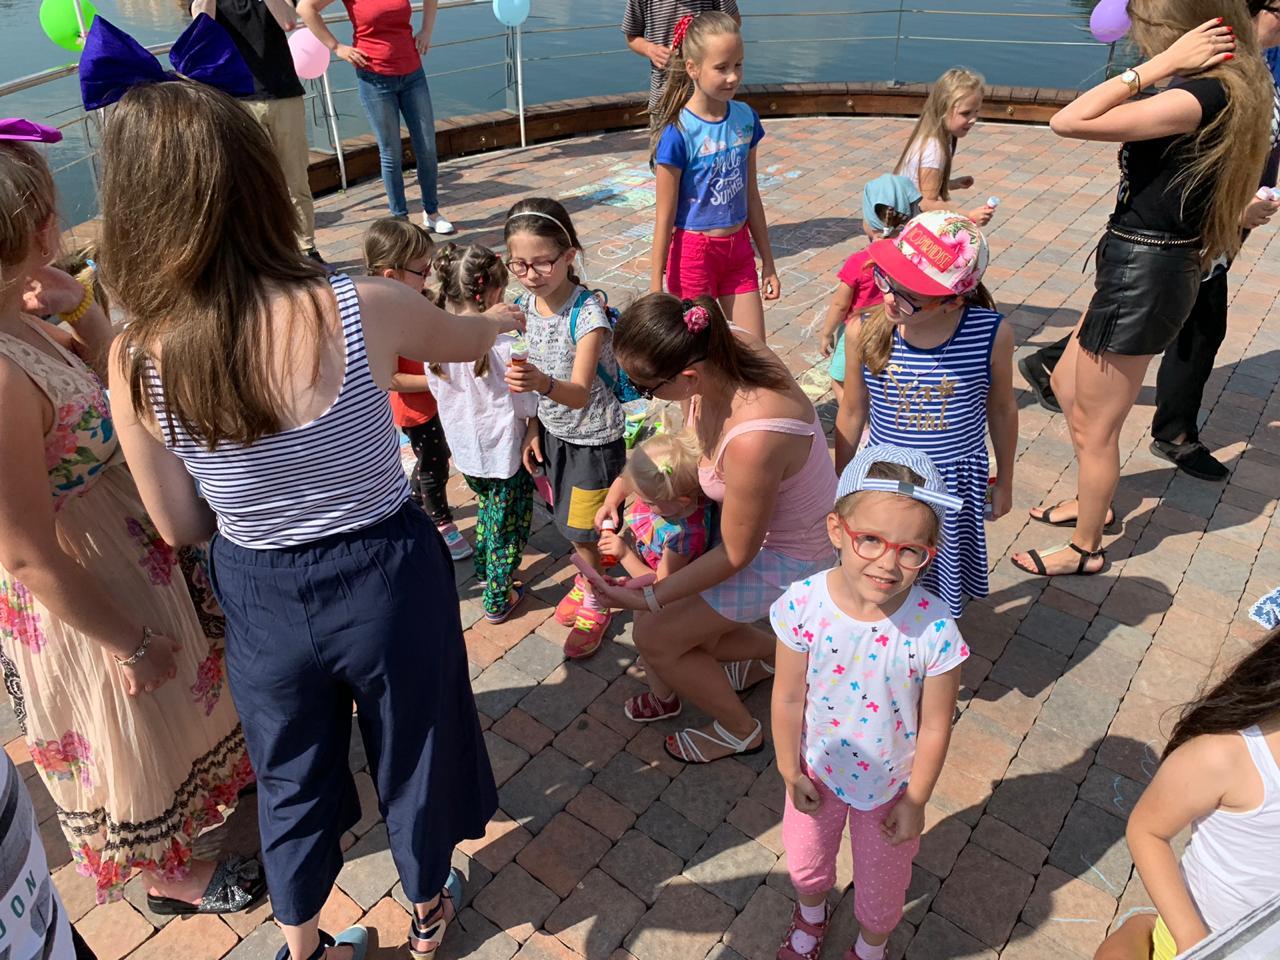 А мы тут, знаете, все плюшками балуемся: в парке «Пыхтино» прошел детский праздник. Фото: Мария Карташова